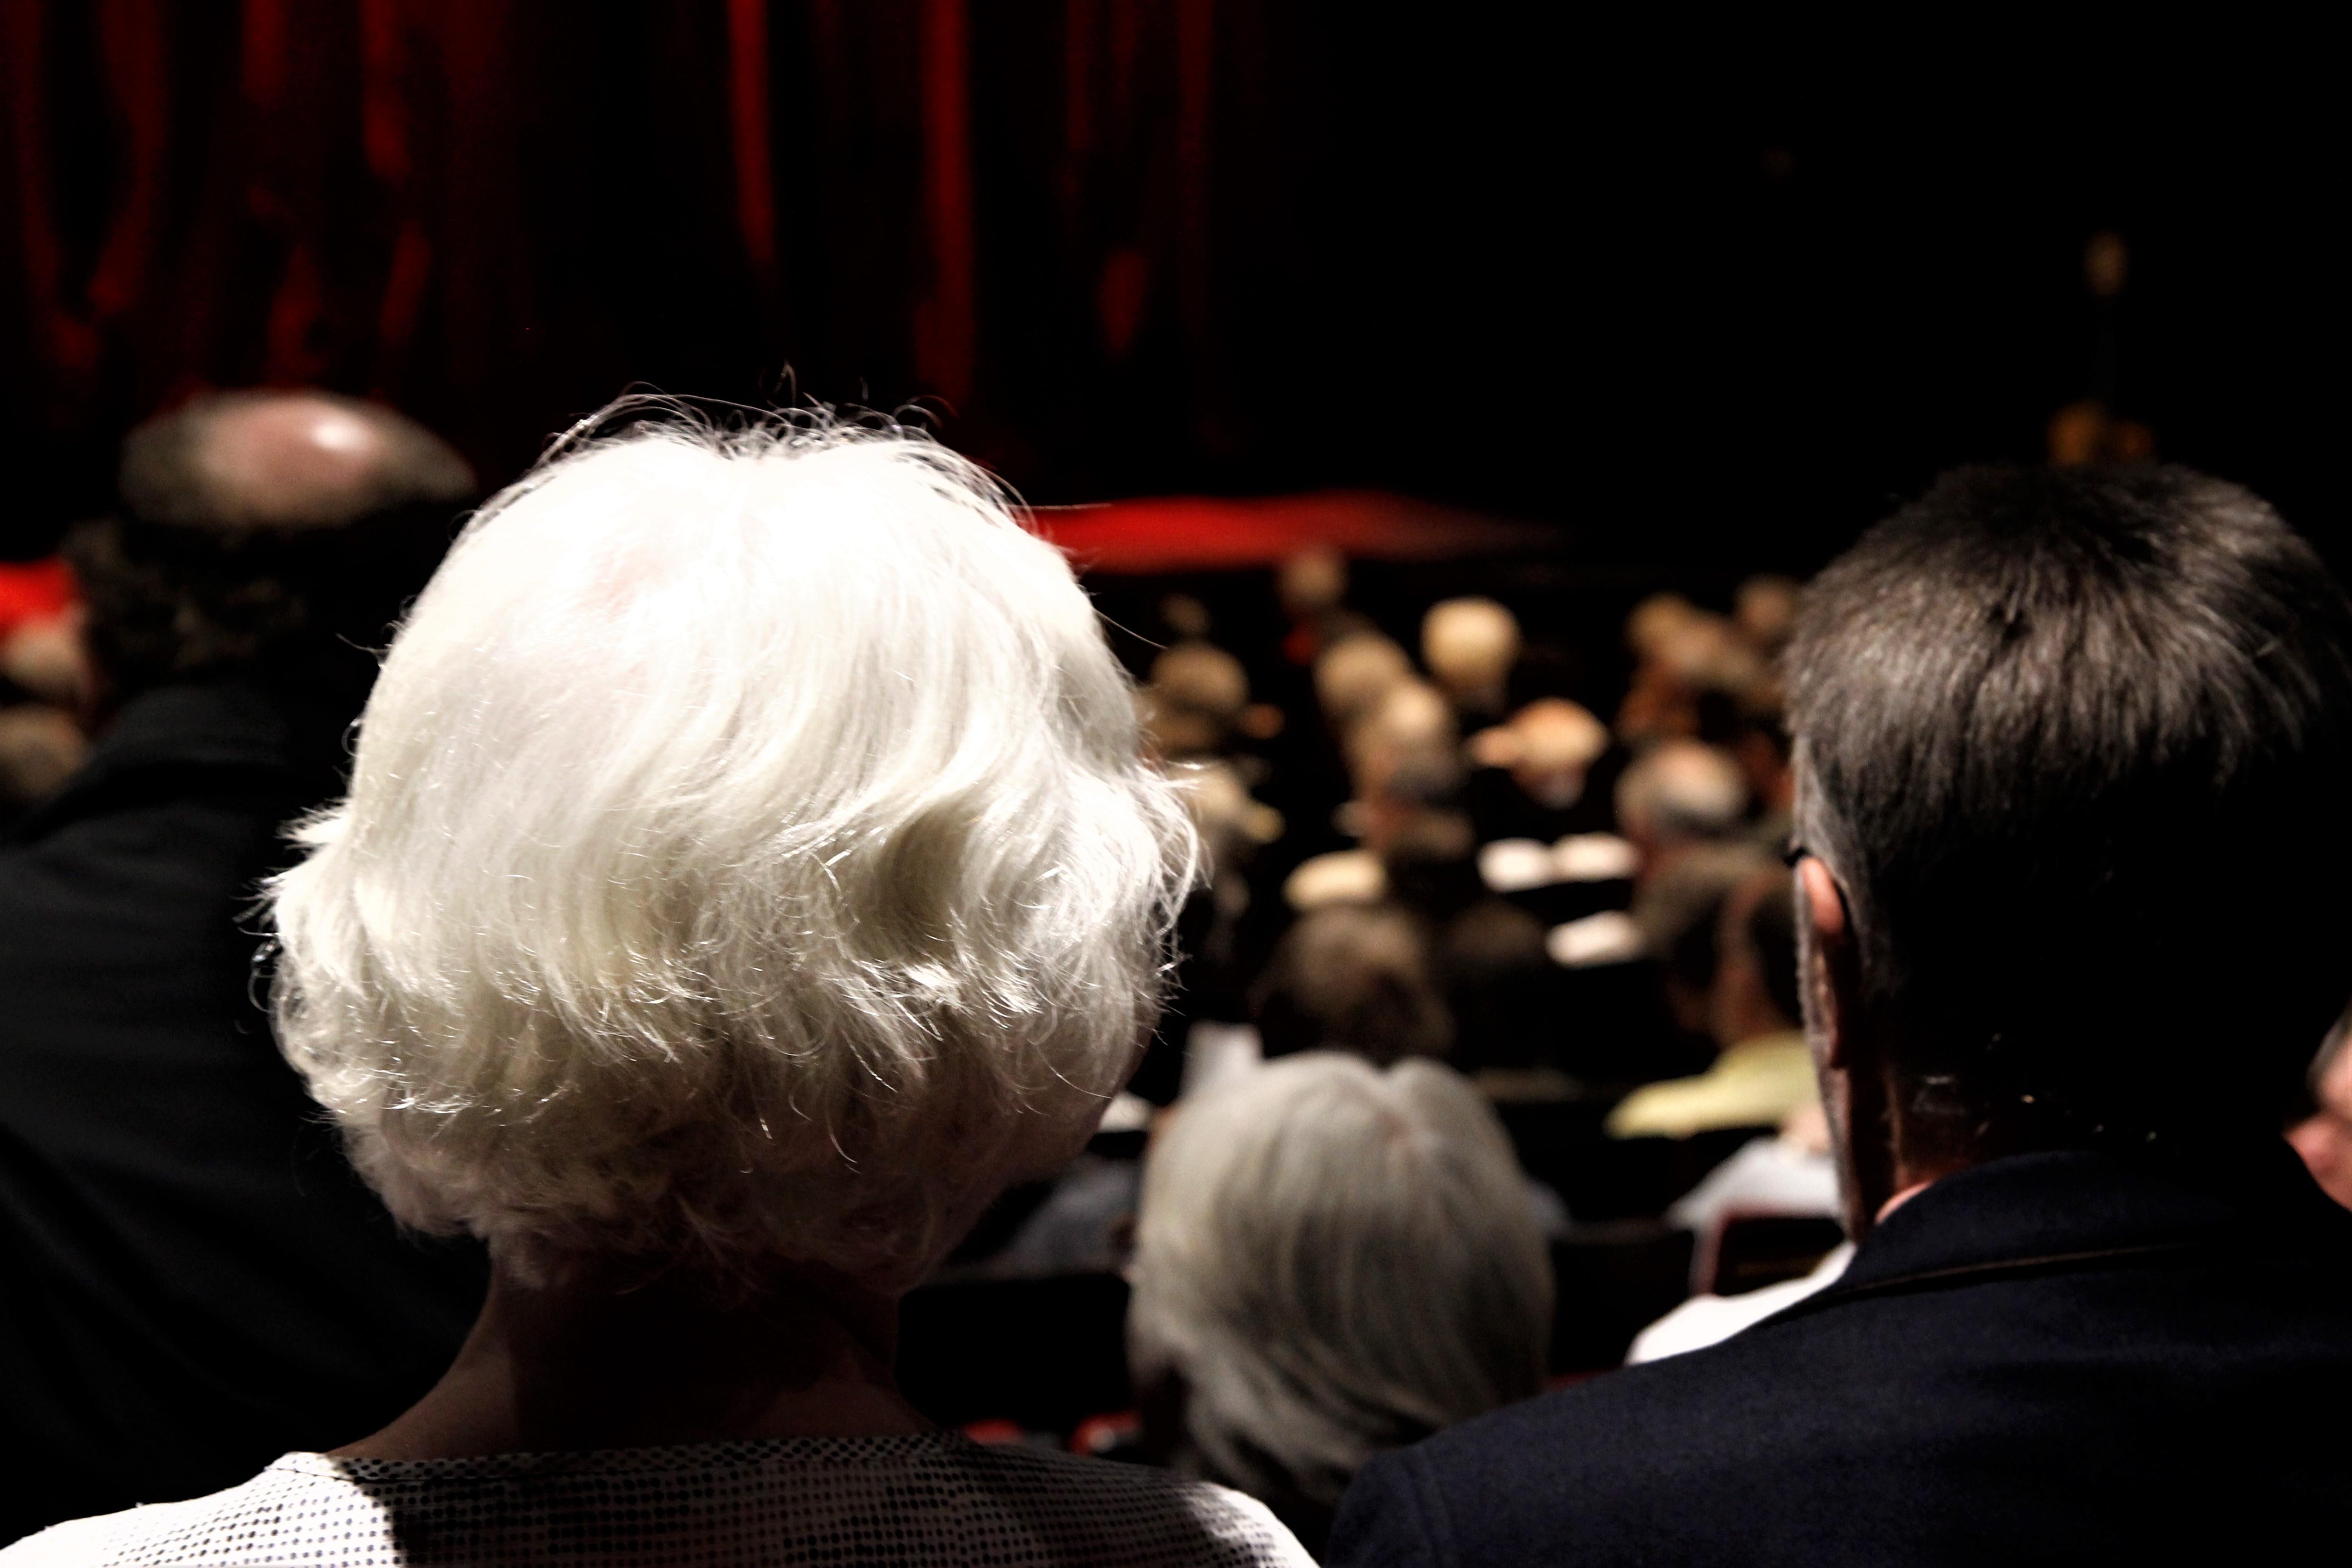 Das Publikum im Ohnsorg-Theater ist älter als in anderen Hamburgern Schauspielhäusern. Foto: Tobias Zuttmann